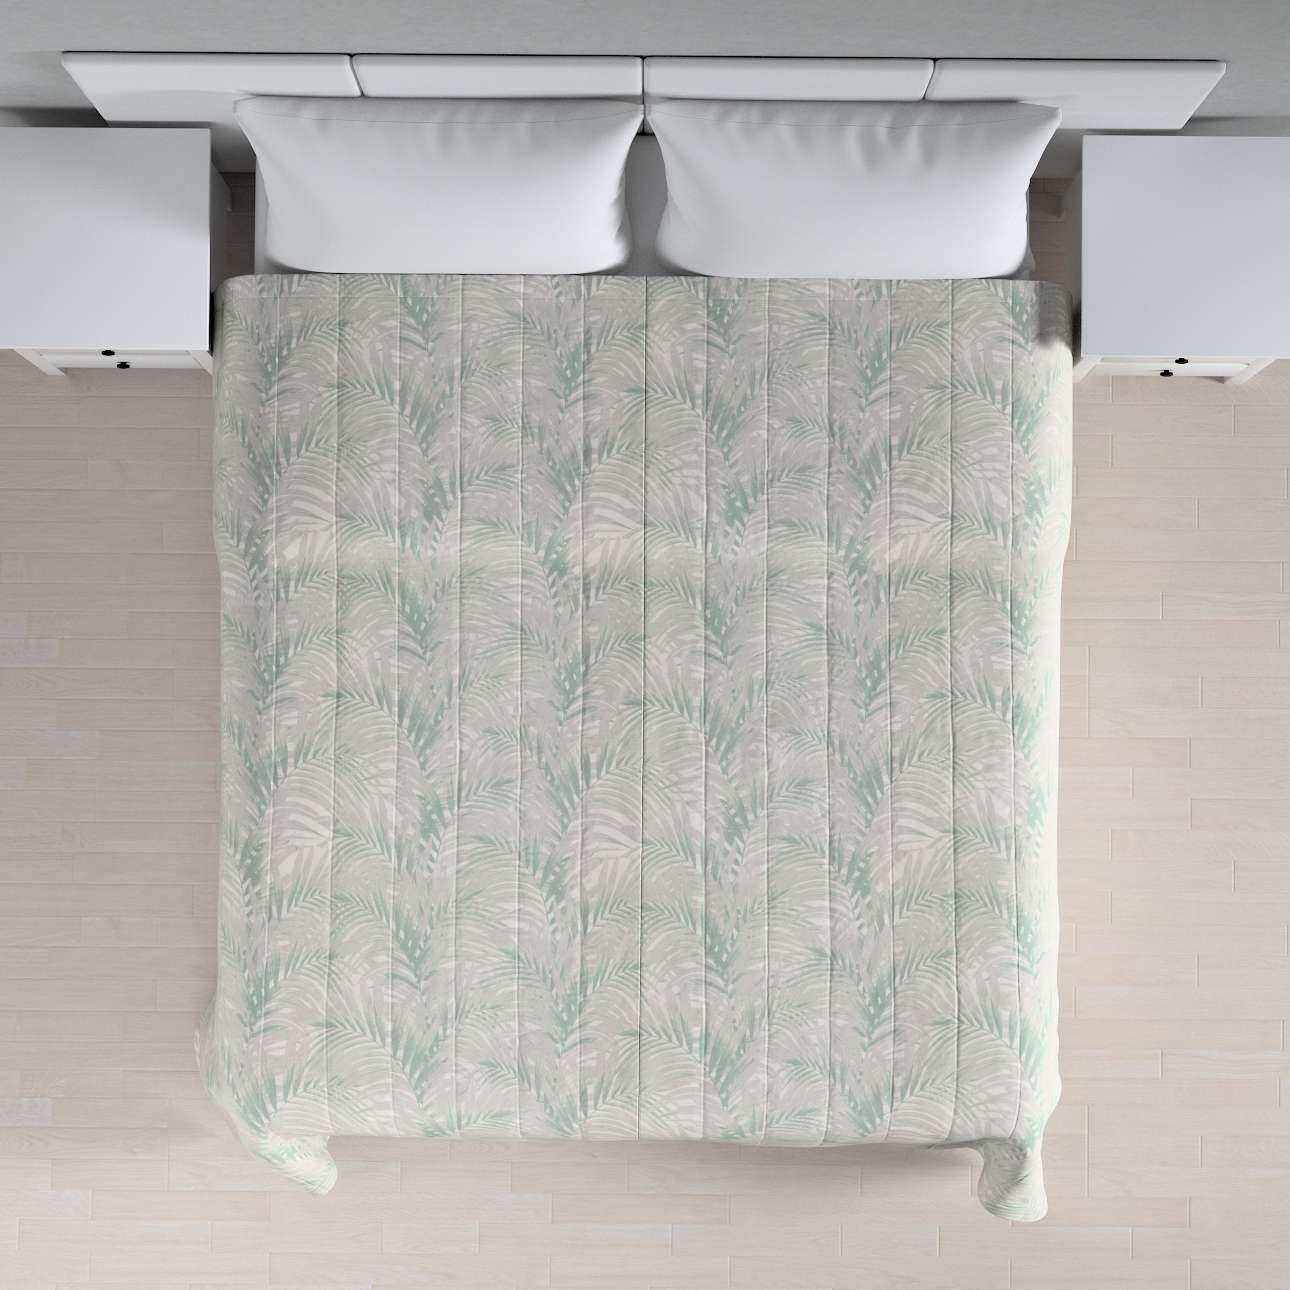 Narzuta pikowana w pasy w kolekcji Gardenia, tkanina: 142-15